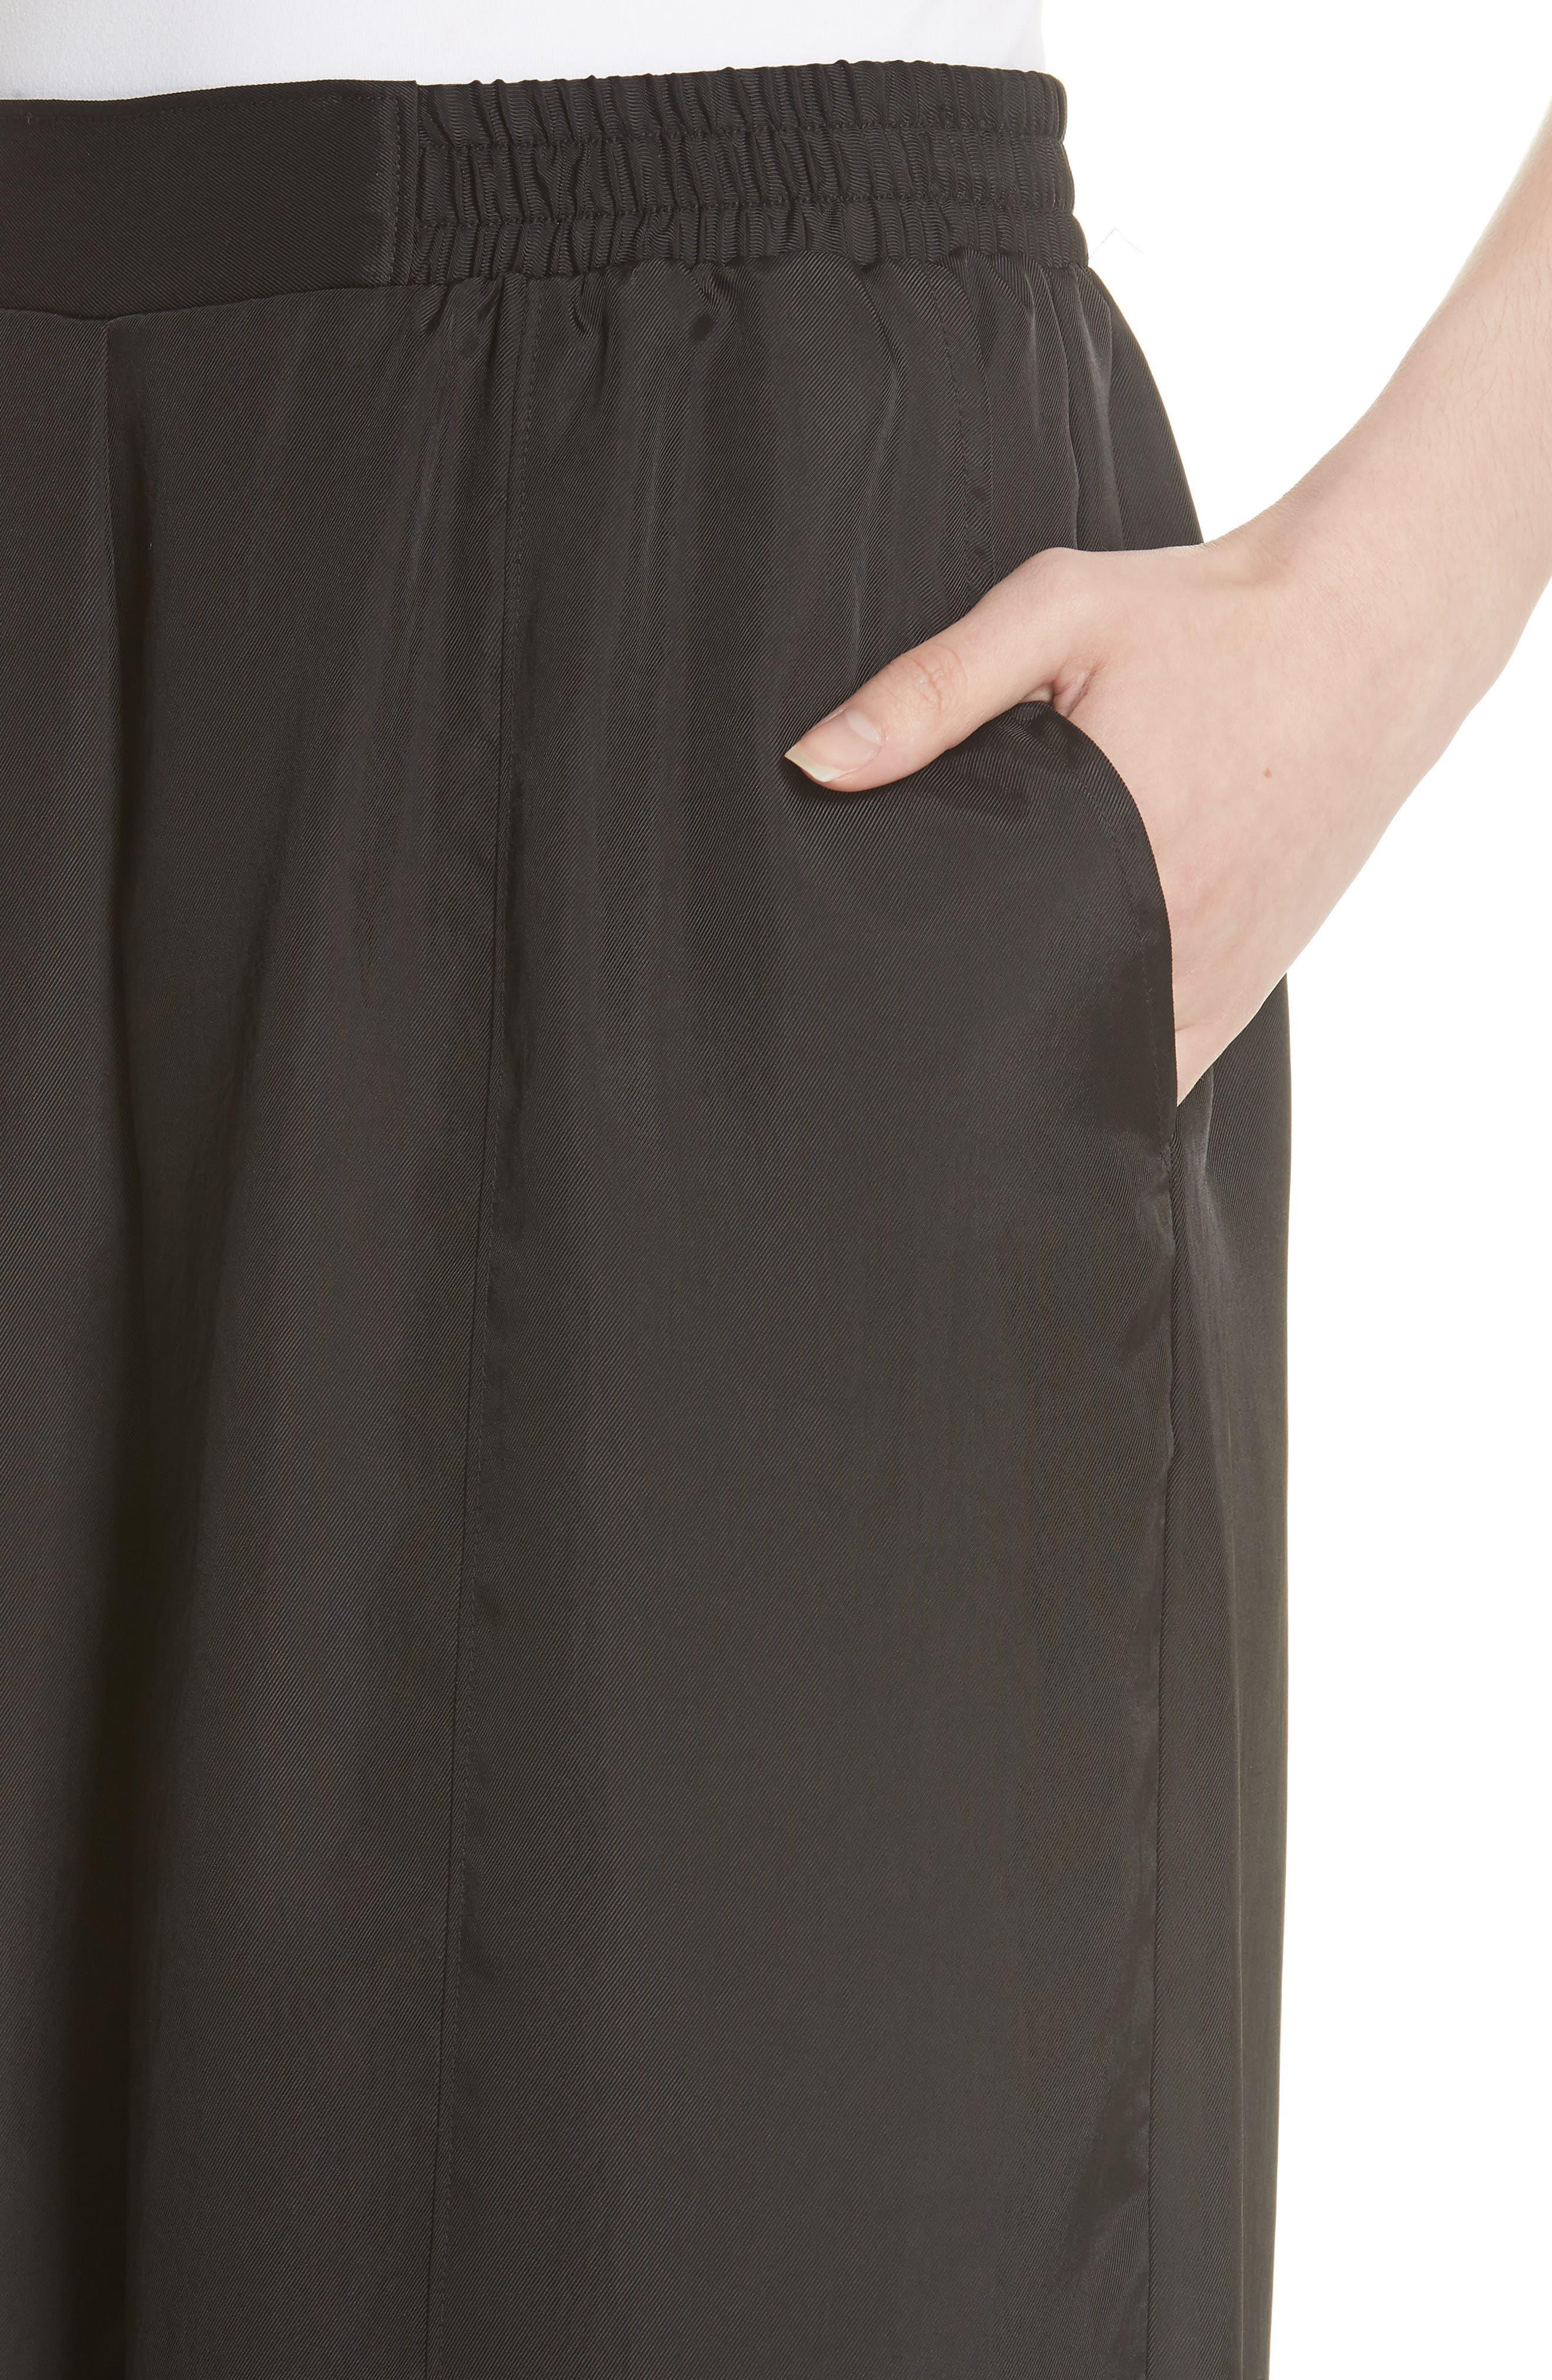 Tie Detail Crop Pants,                             Alternate thumbnail 4, color,                             001